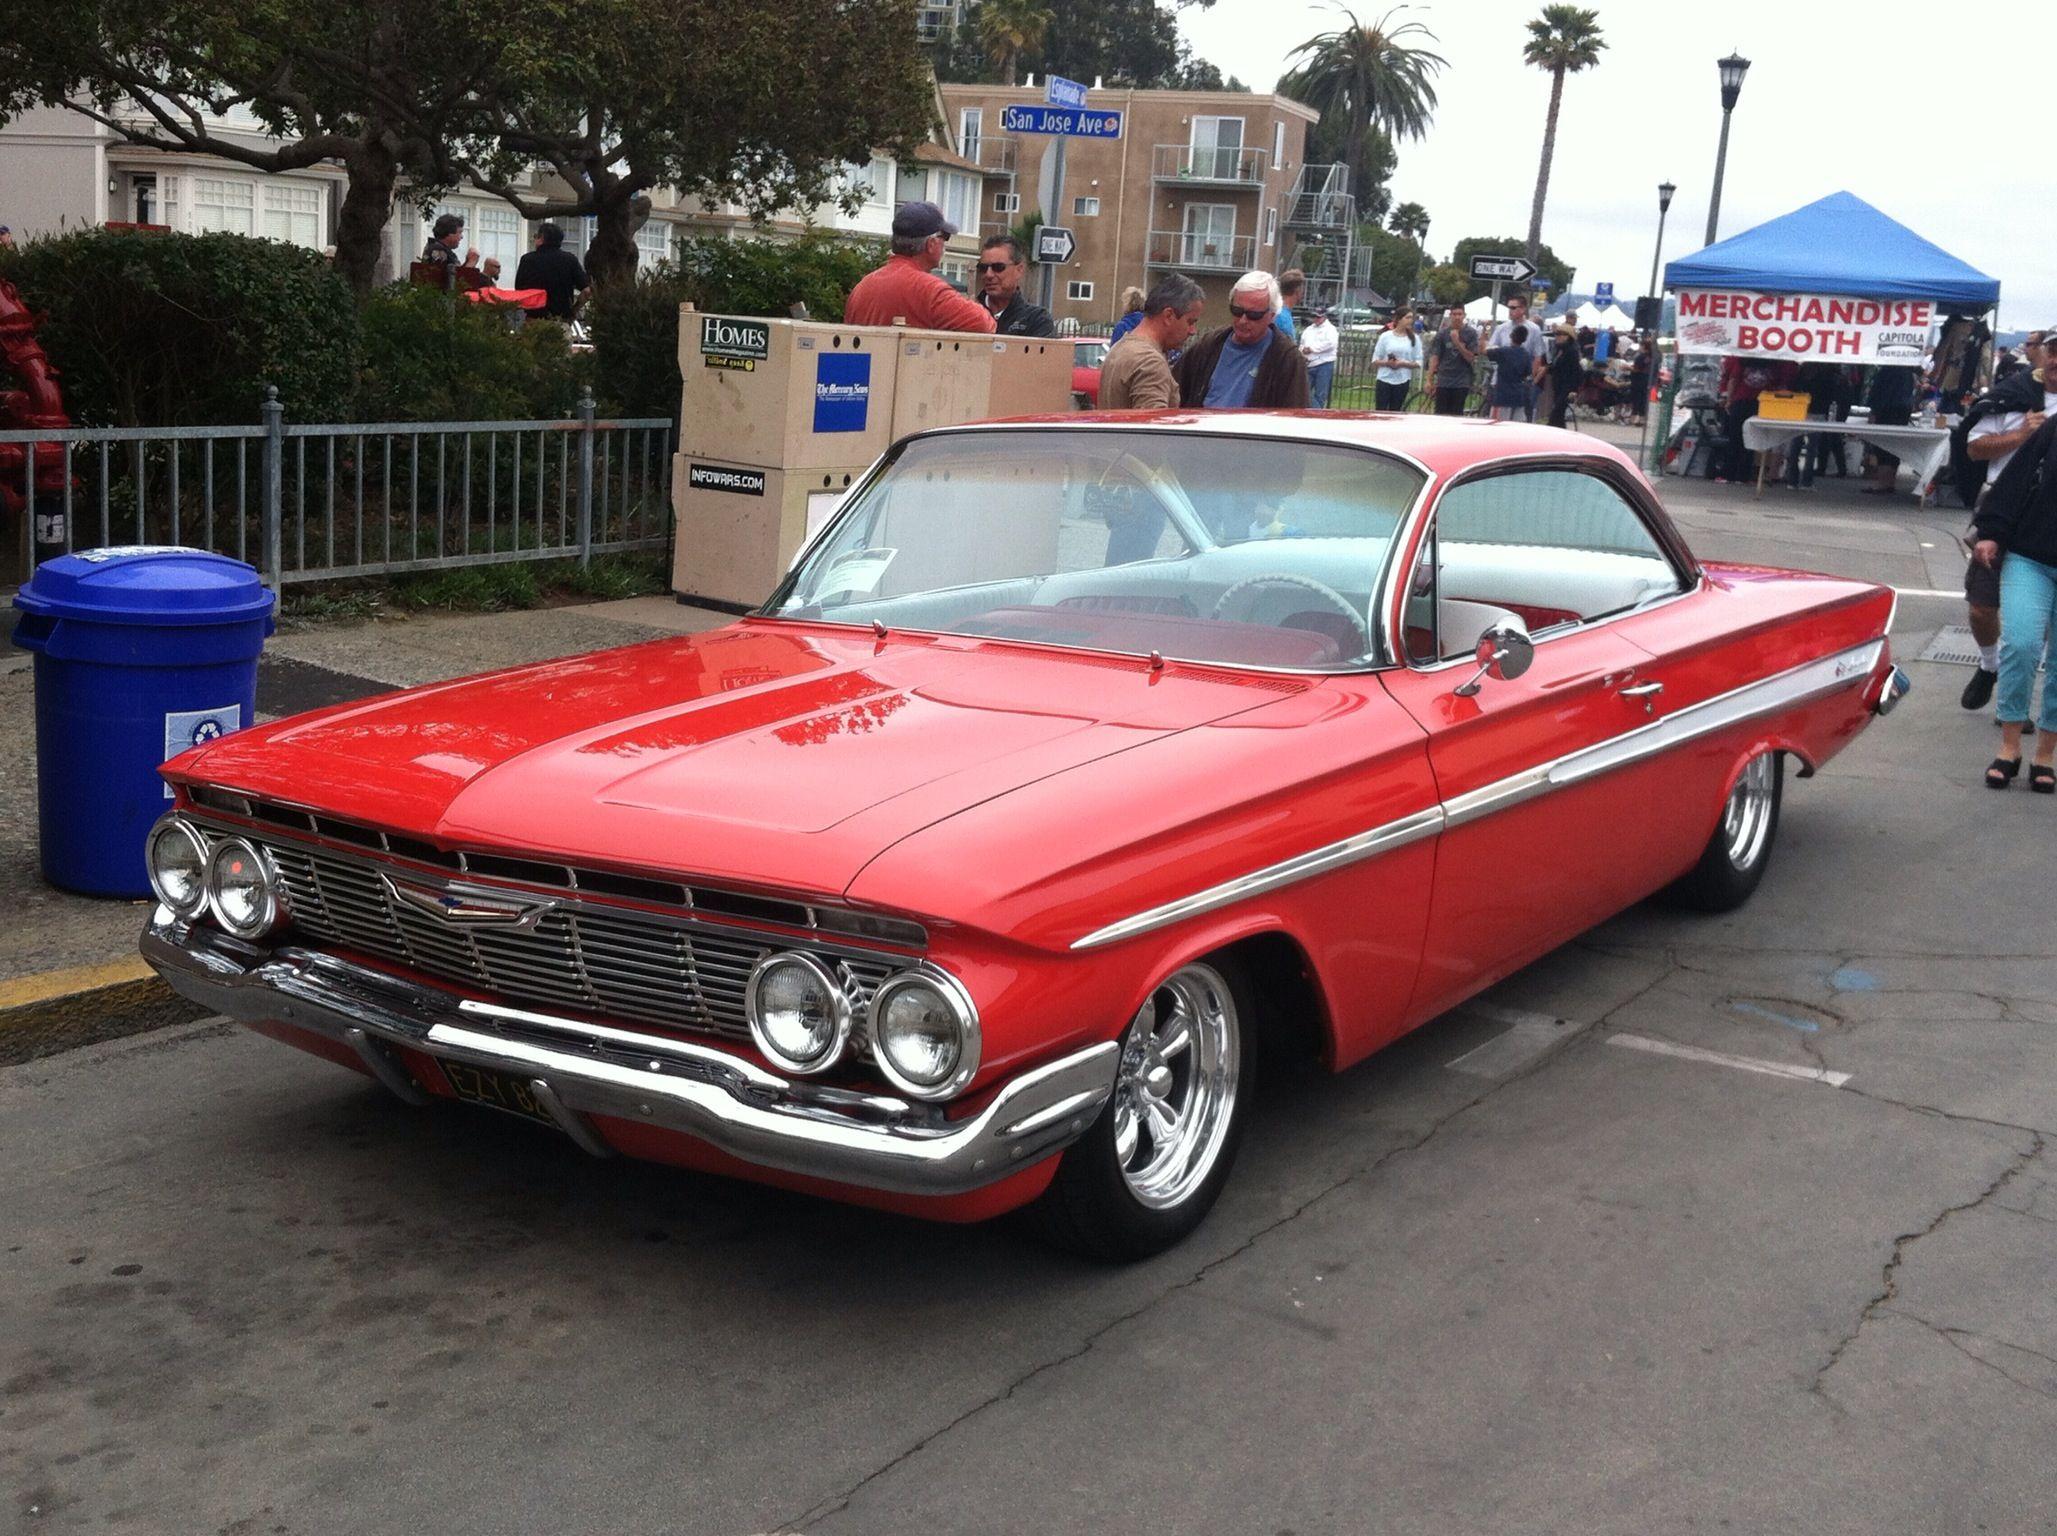 Yup, Impala.